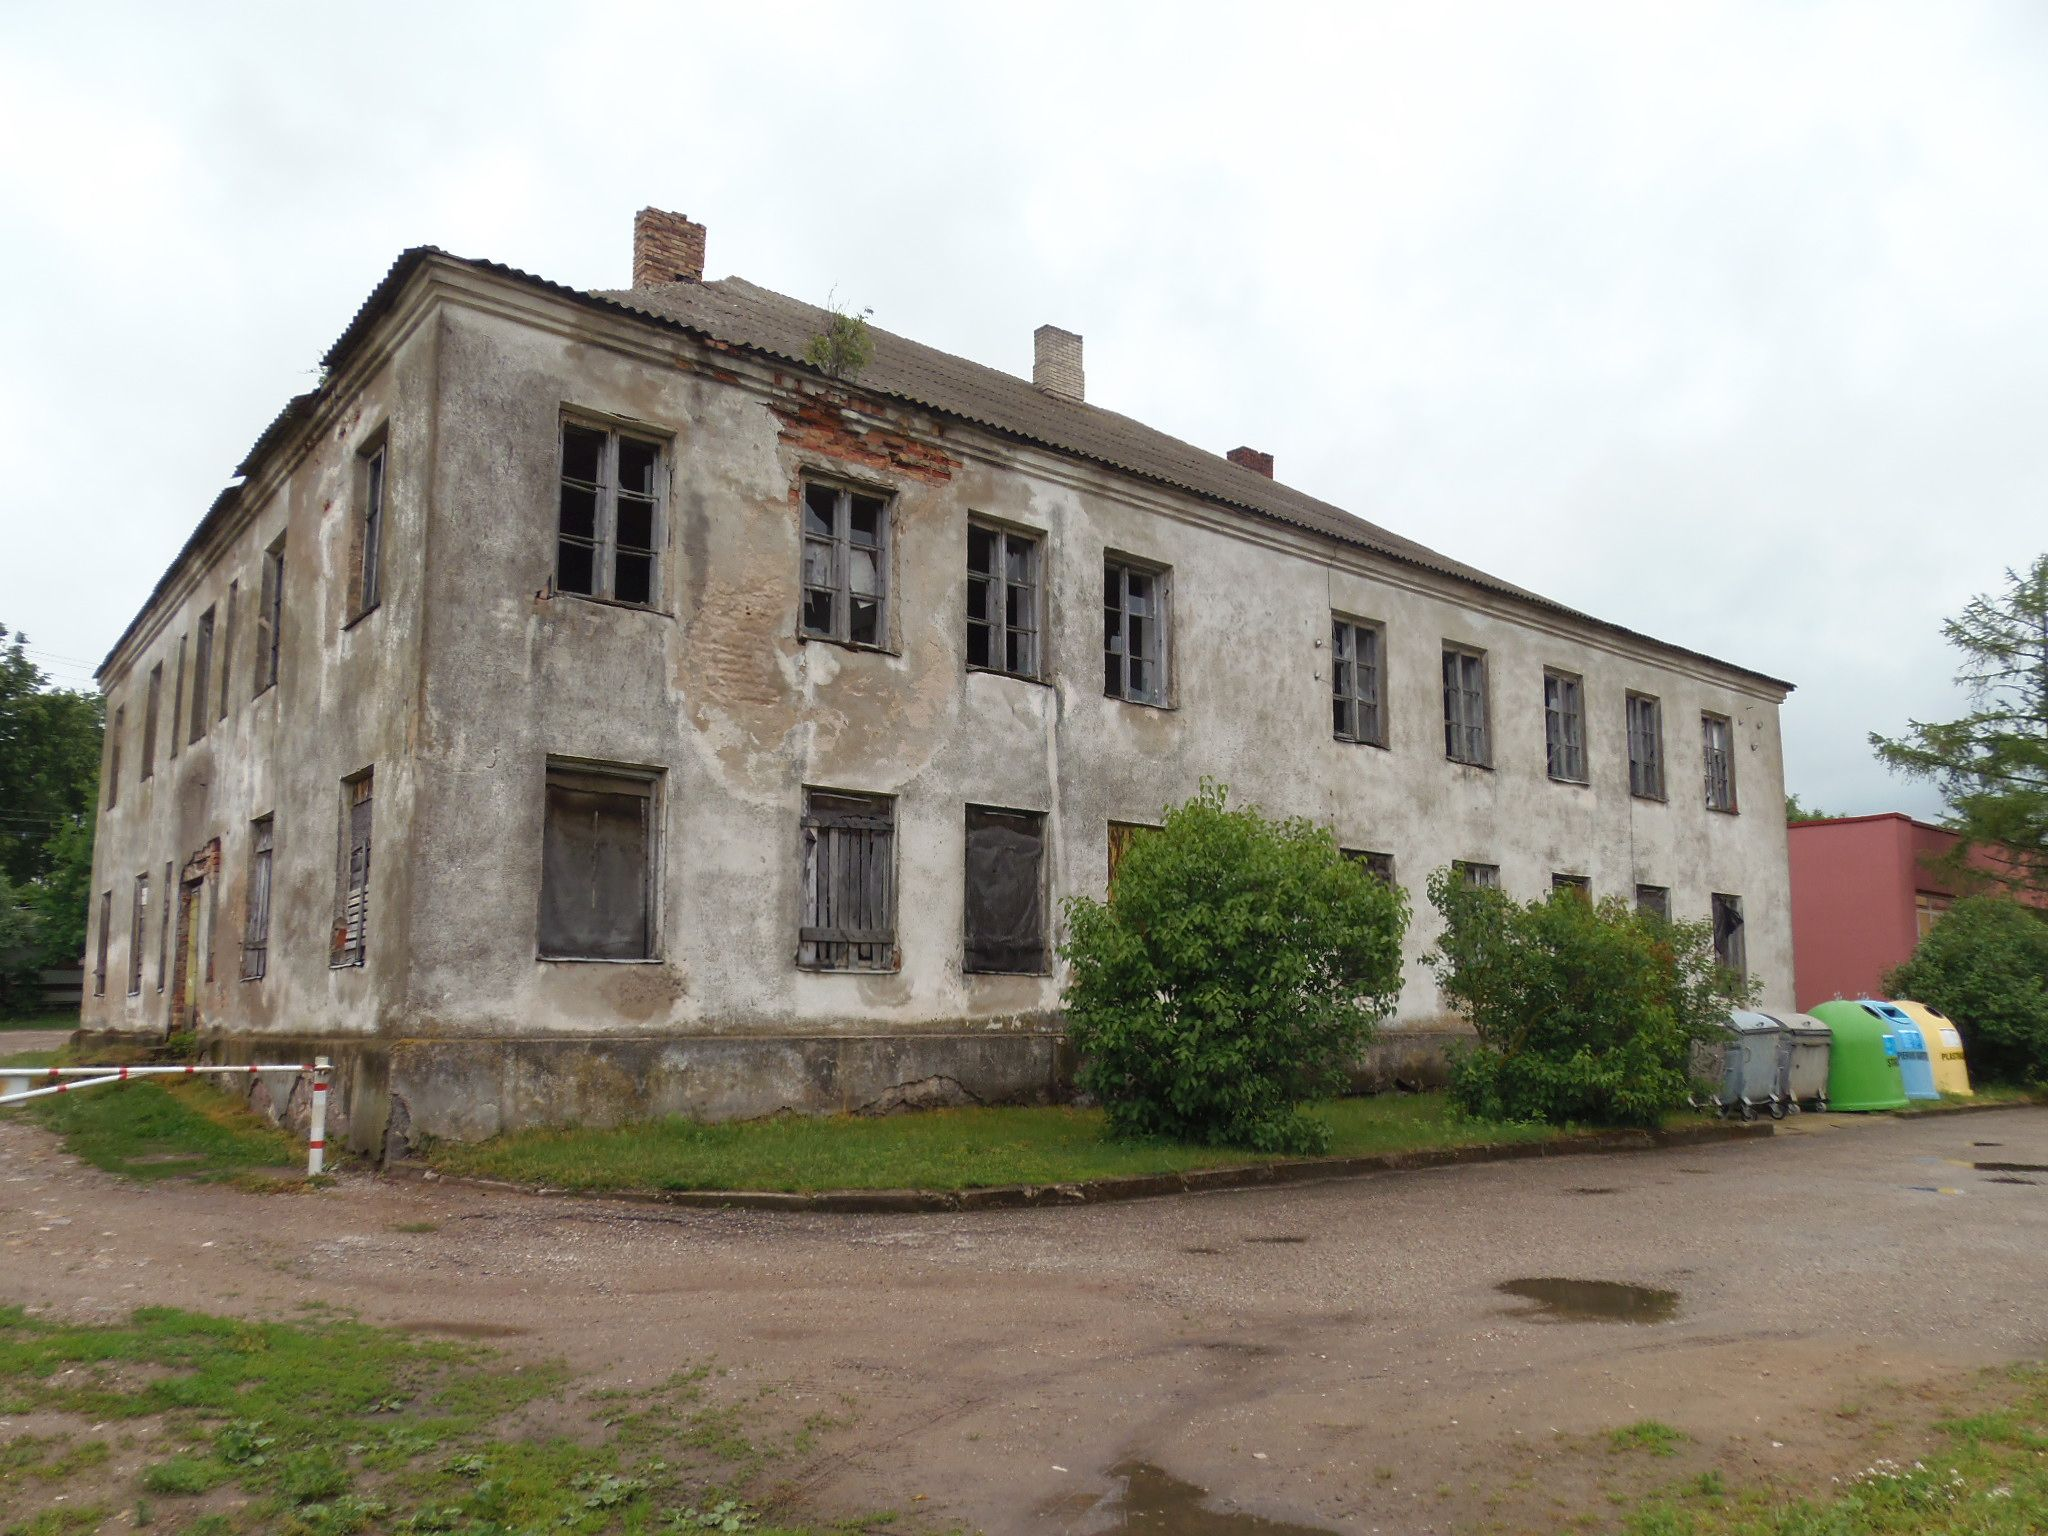 Šėtos žydų maldos namams suteikta teisinė apsauga | KPD Kauno skyriaus nuotr.